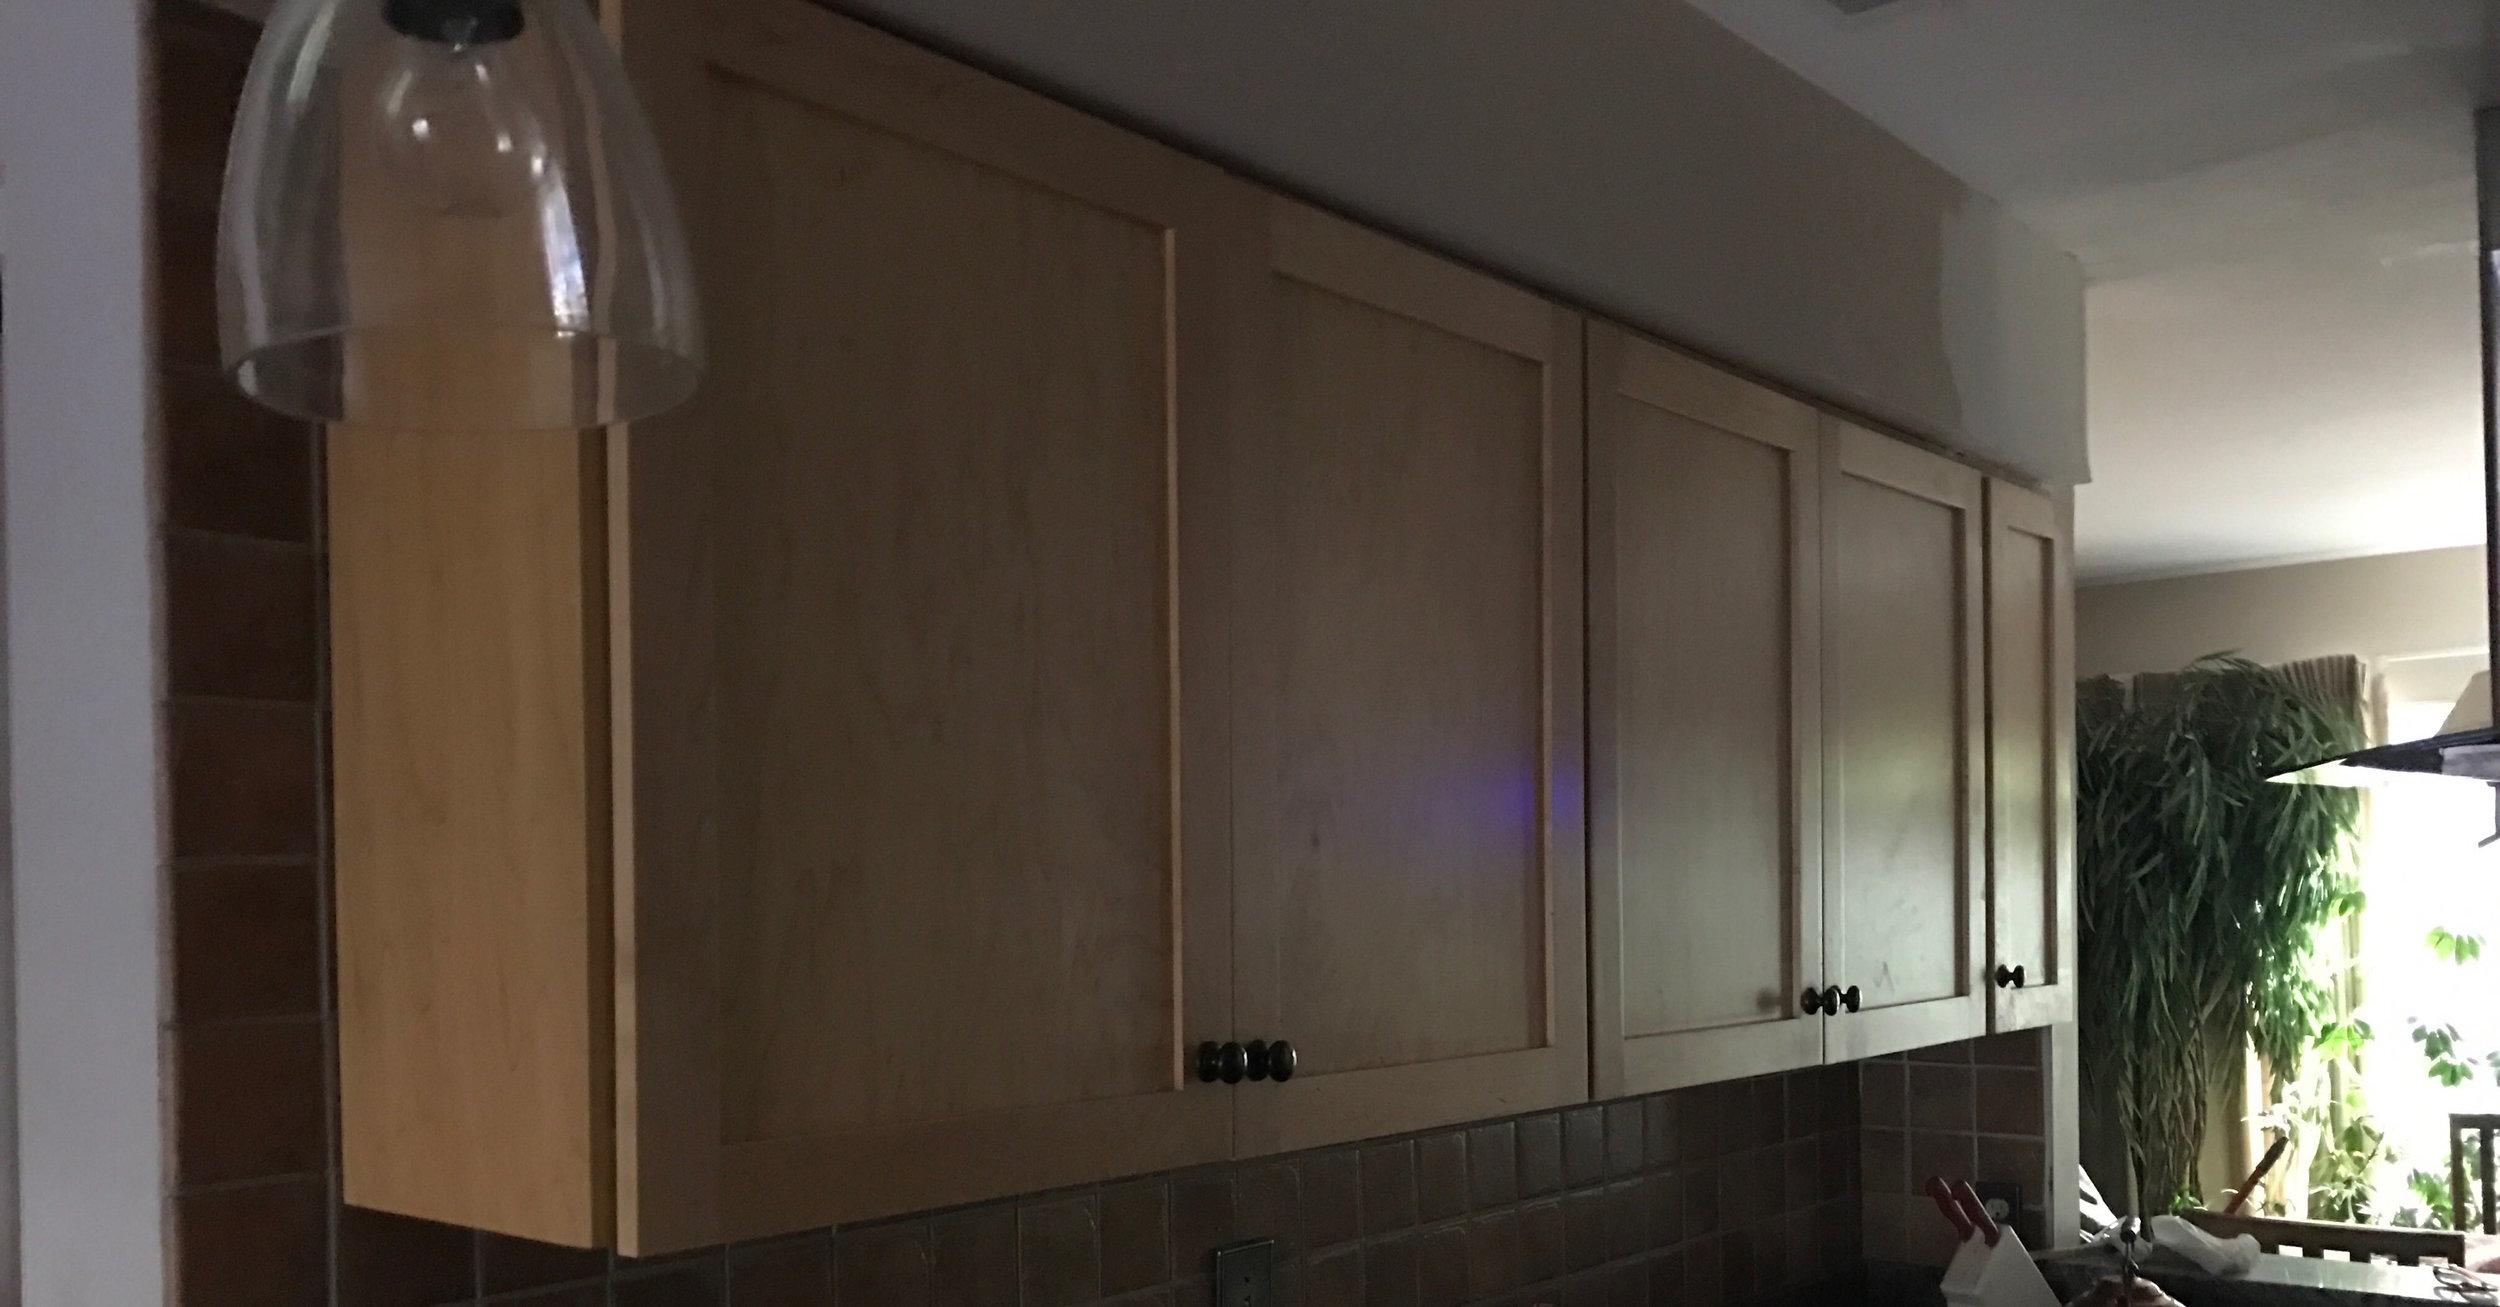 reston kitchen backsplash.jpeg